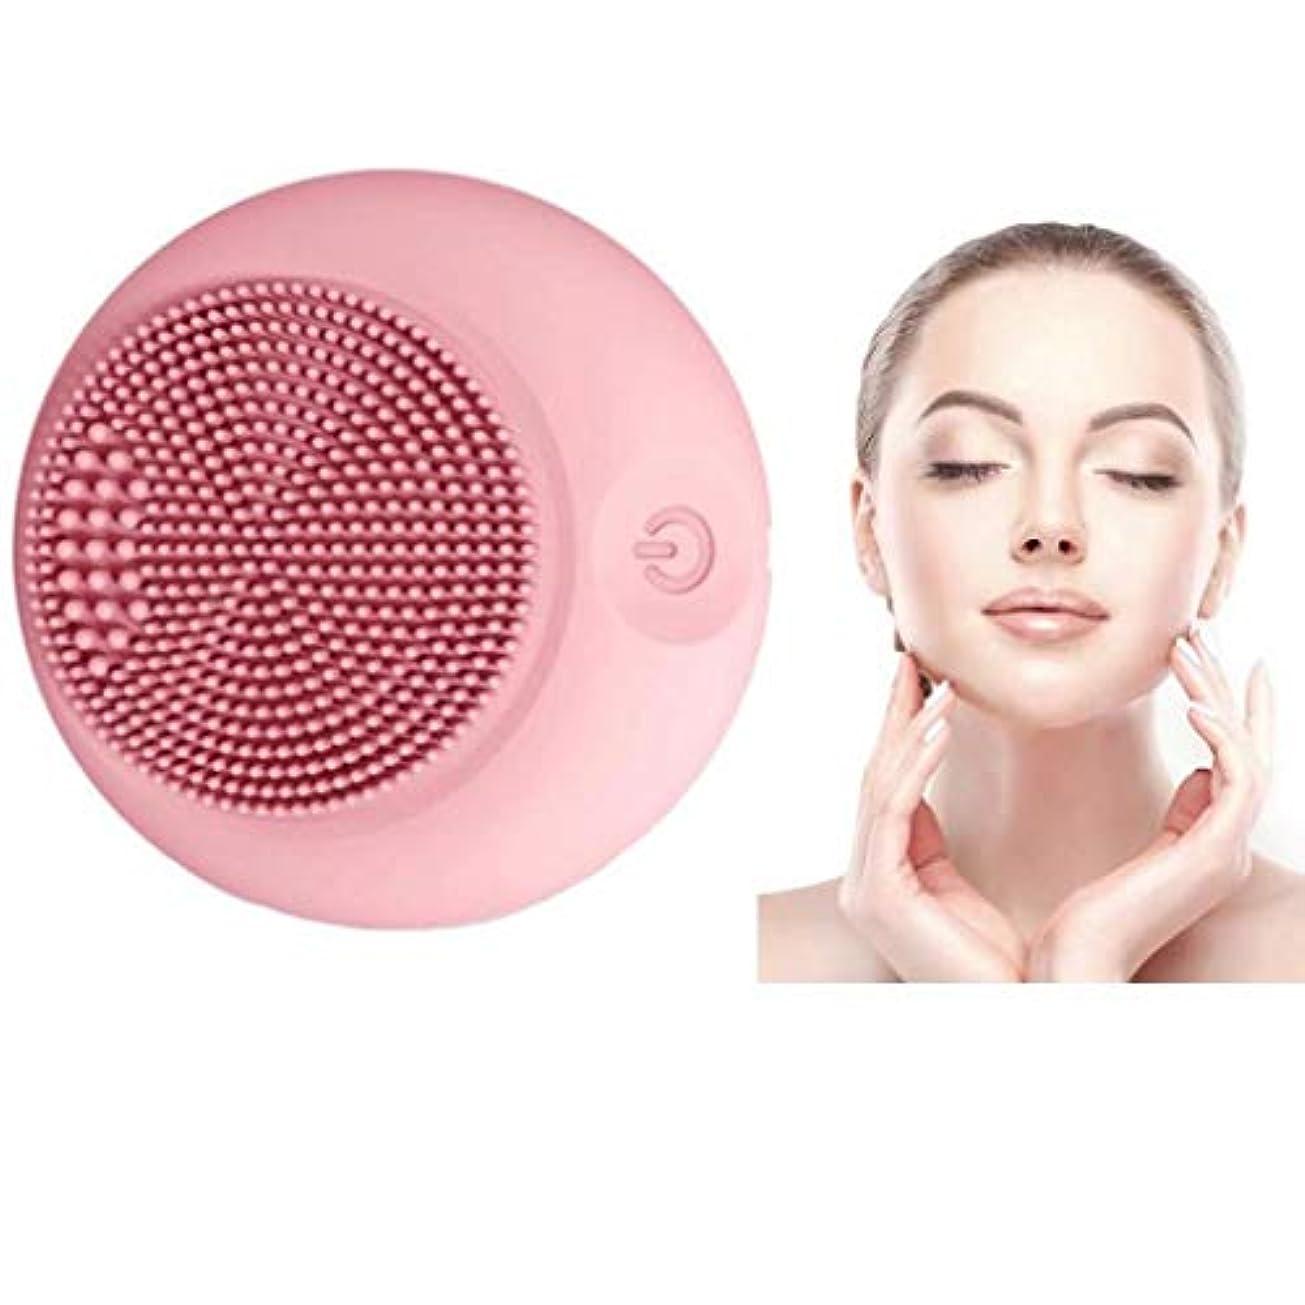 評価する合理化忙しいクレンジング楽器、シリコンクレンジングブラシ、電動ウォッシュブラシ、シリコンフェイシャルマッサージ、ポータブル超音波振動、肌を清潔に保ち、防水、すべての肌タイプに適して (Color : Pink)